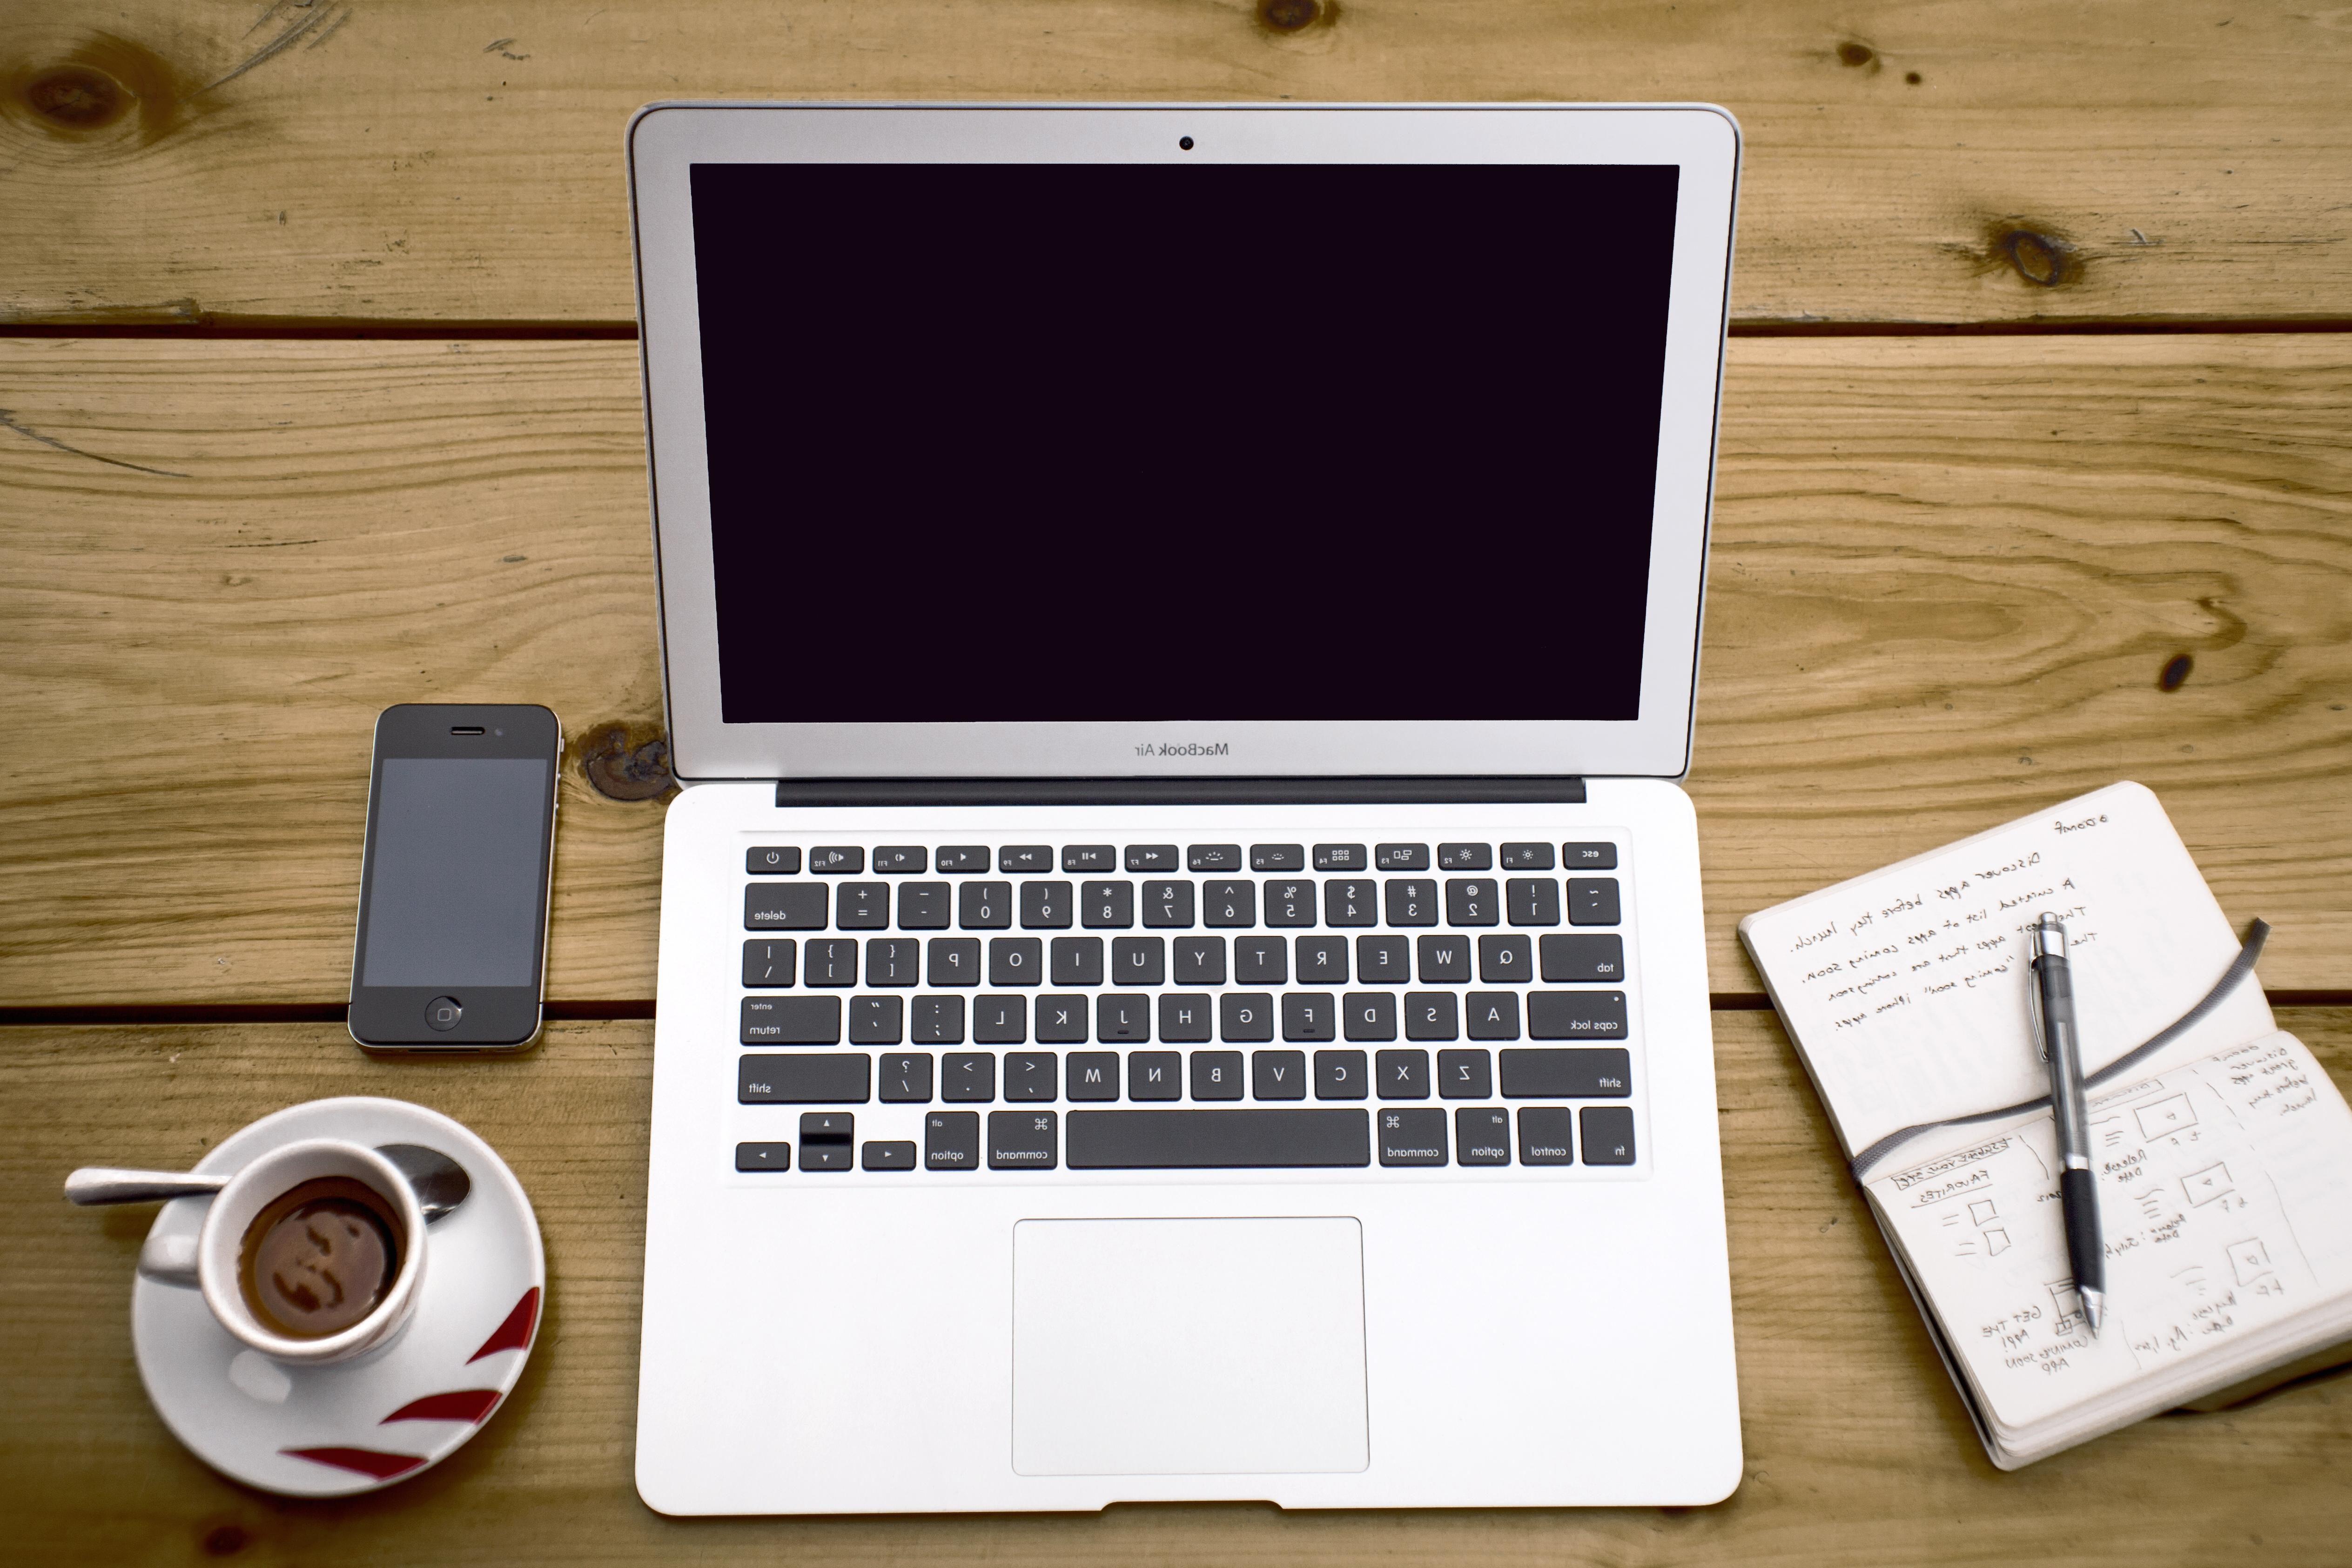 Imagen gratis port til papel negocio computadora - Foto teclado ordenador ...